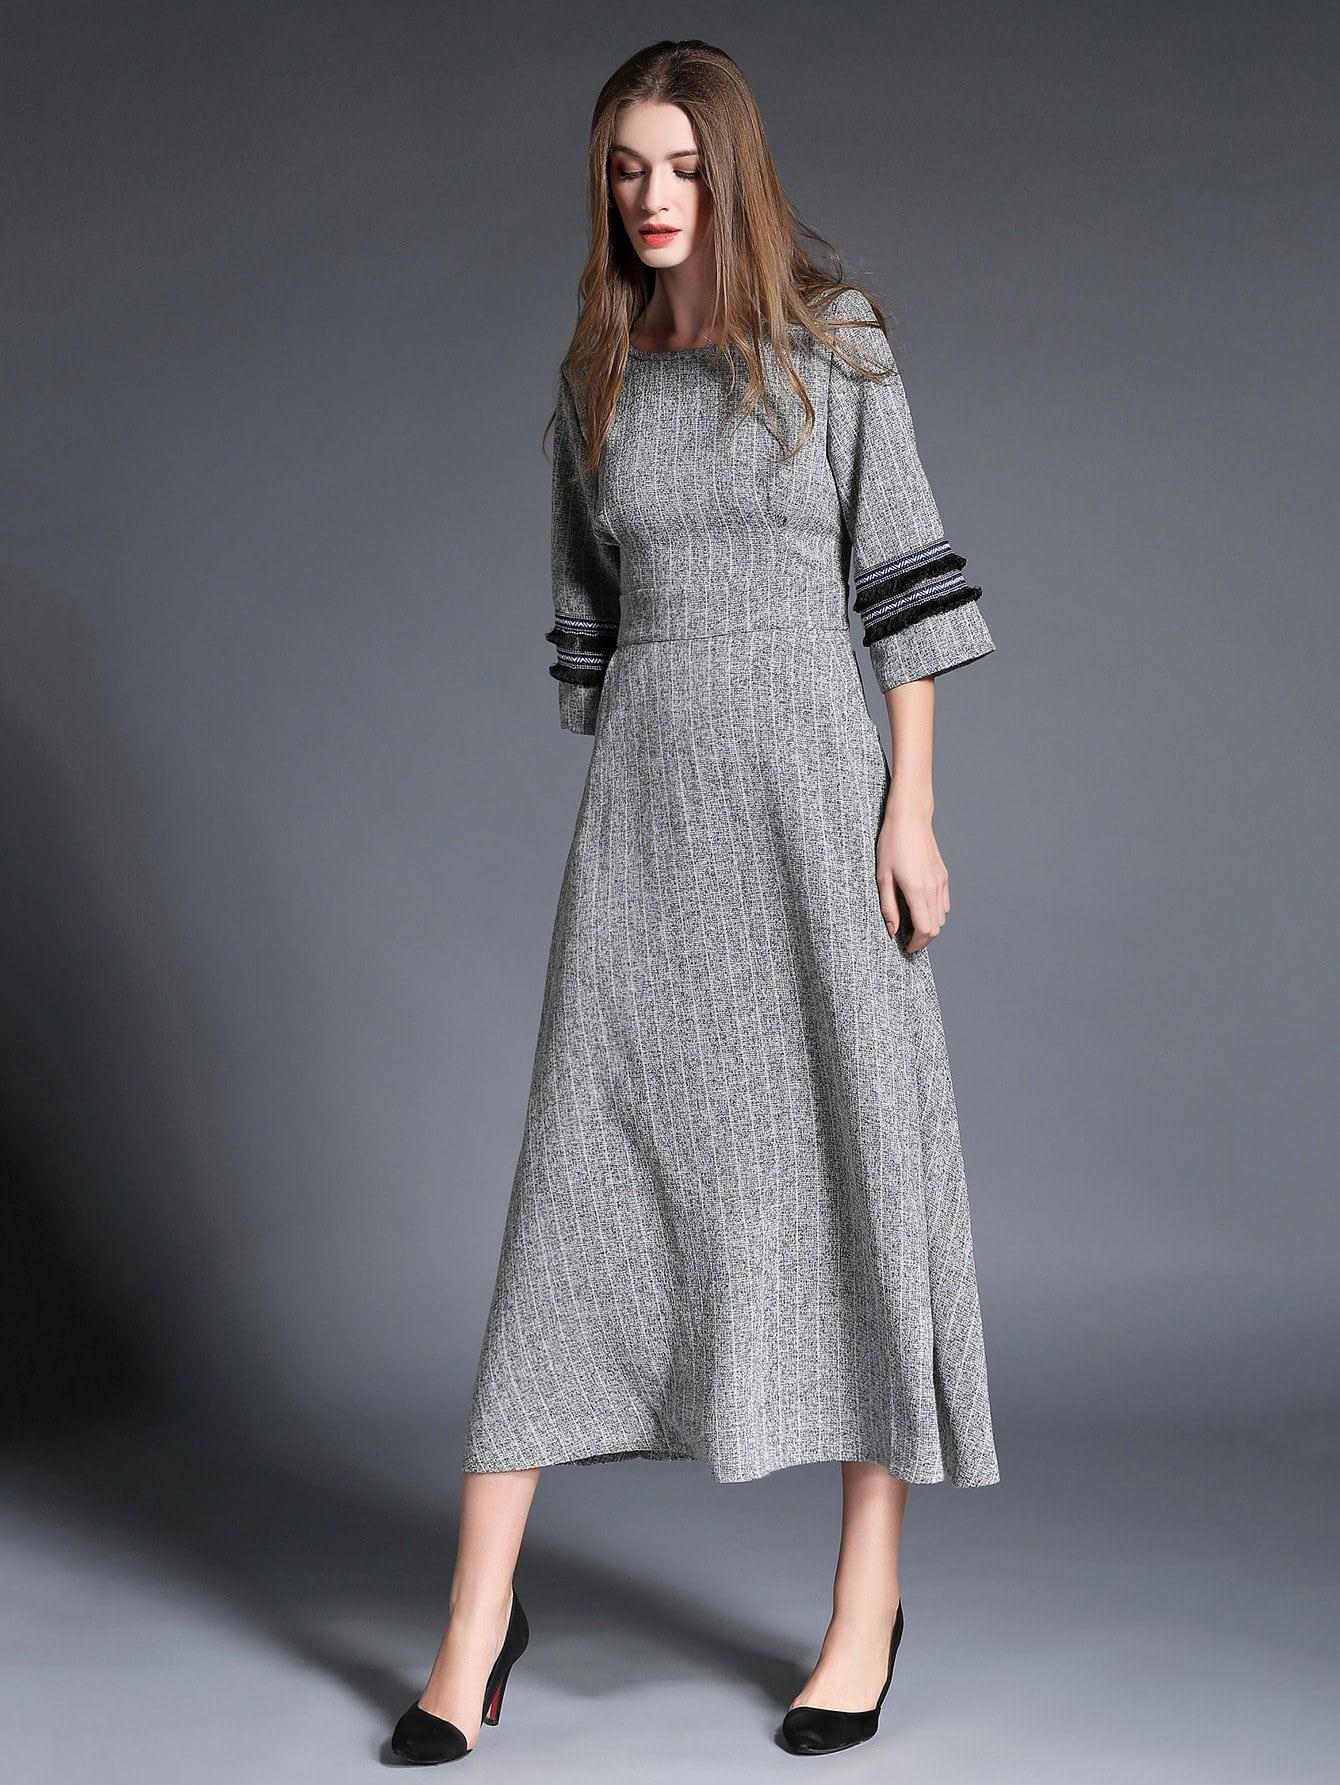 Hidden Pocket Pinstripe Dress hidden pocket striped dress